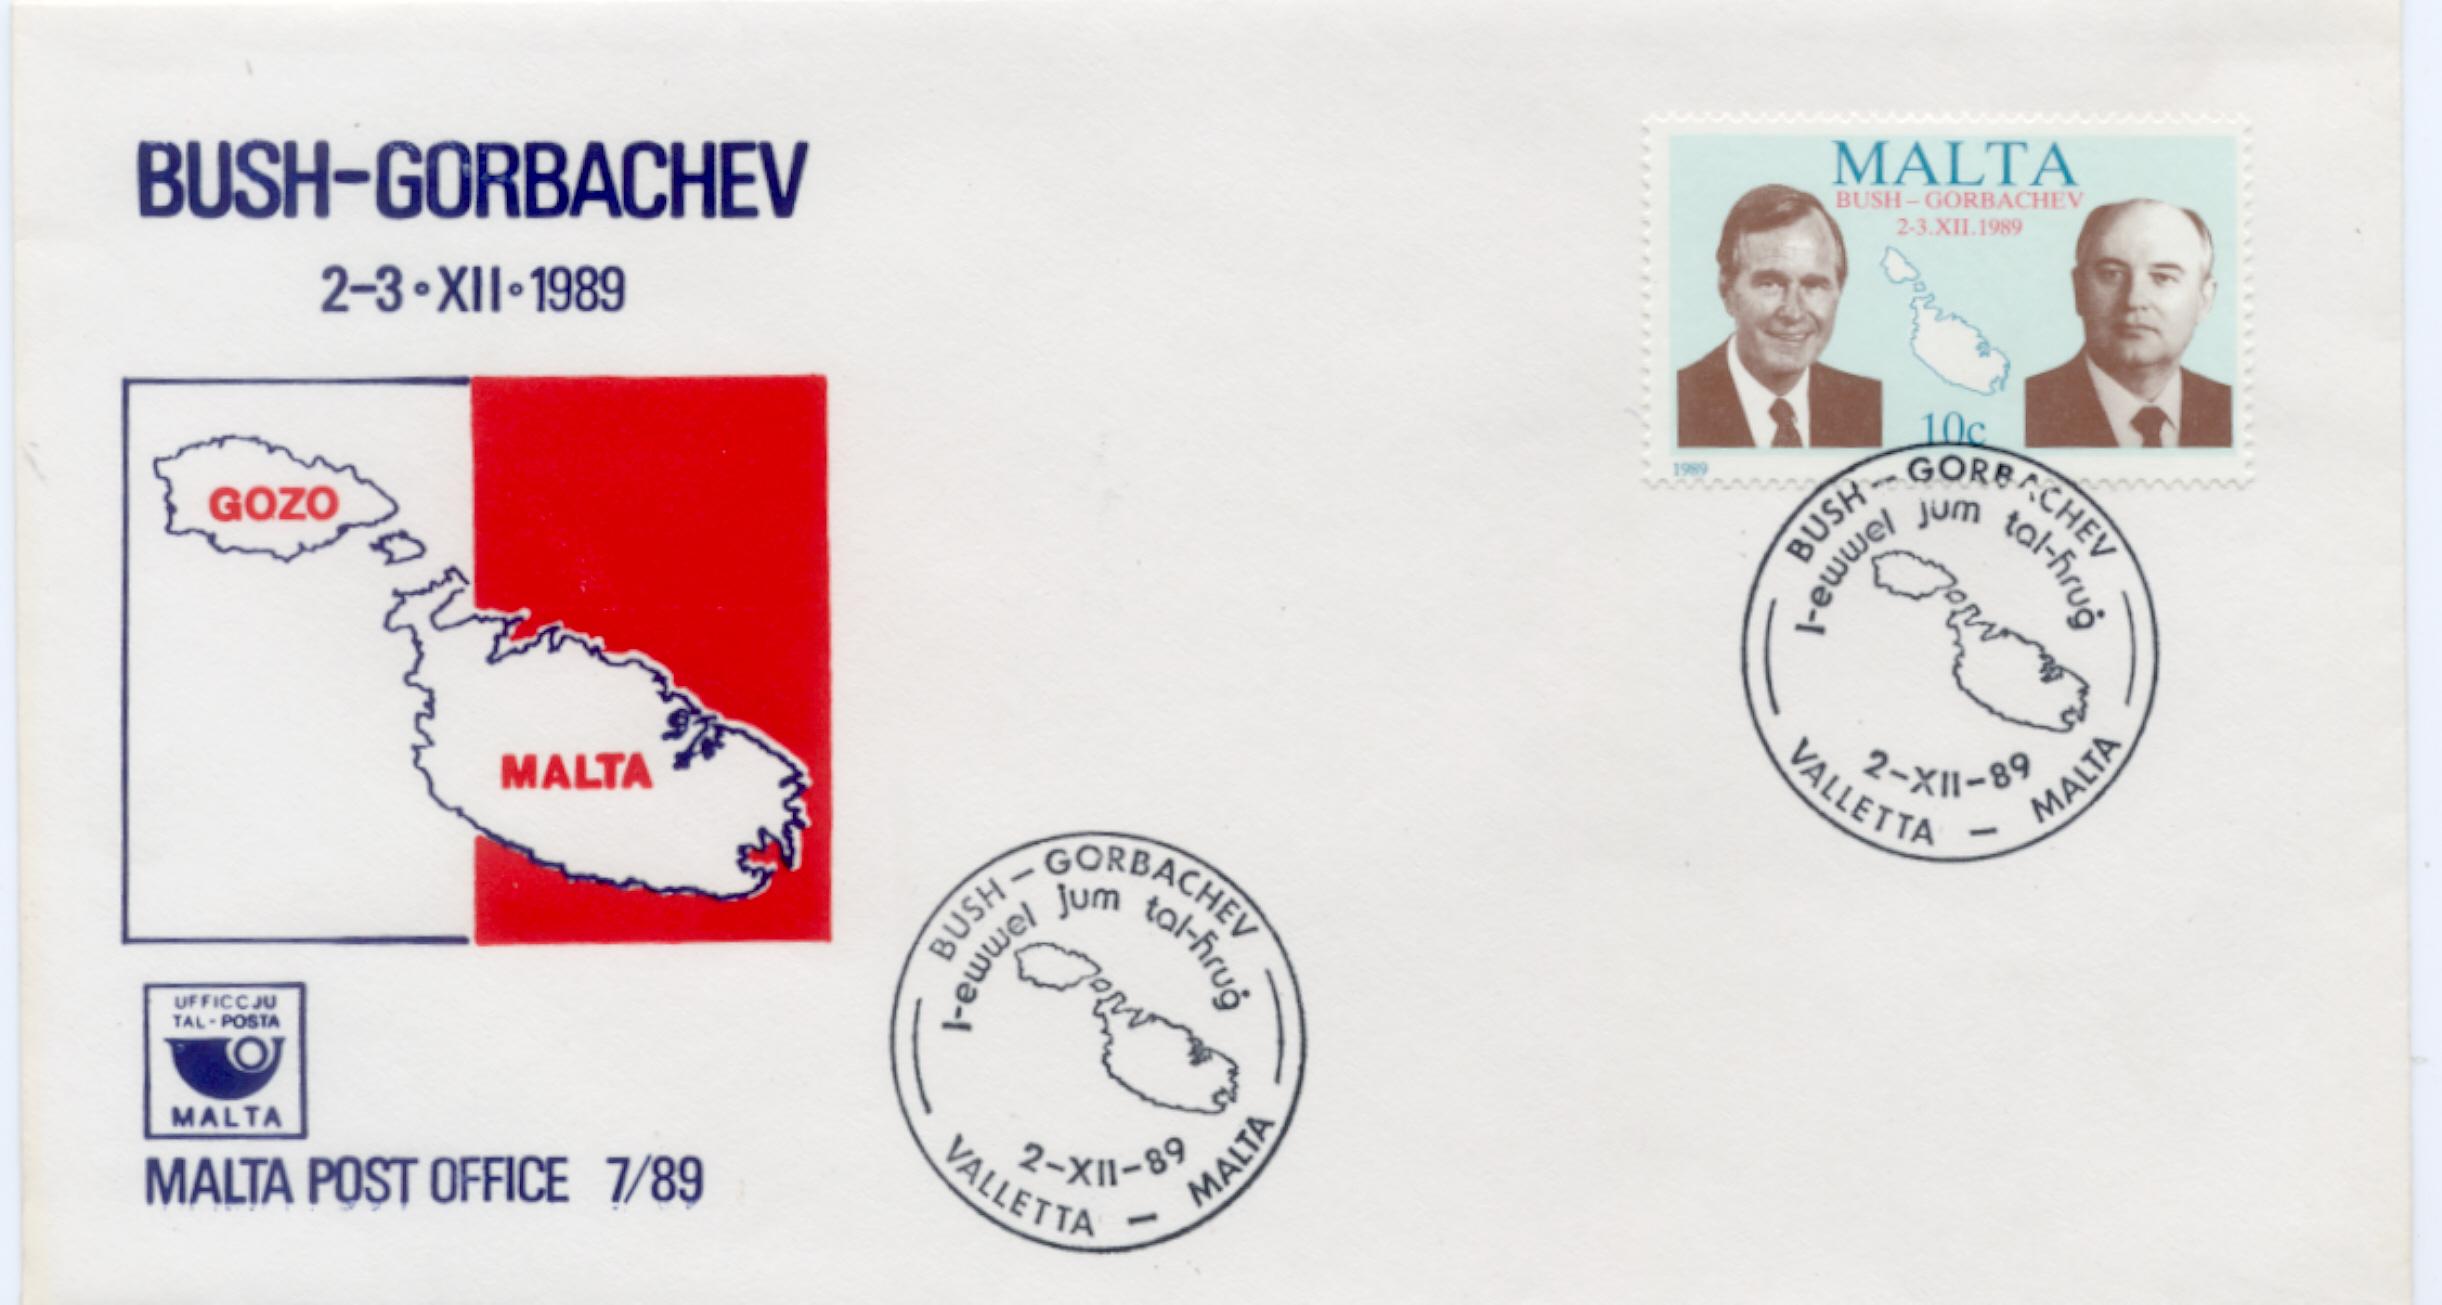 Malta Bush Gorbachev Meeting FDC #2